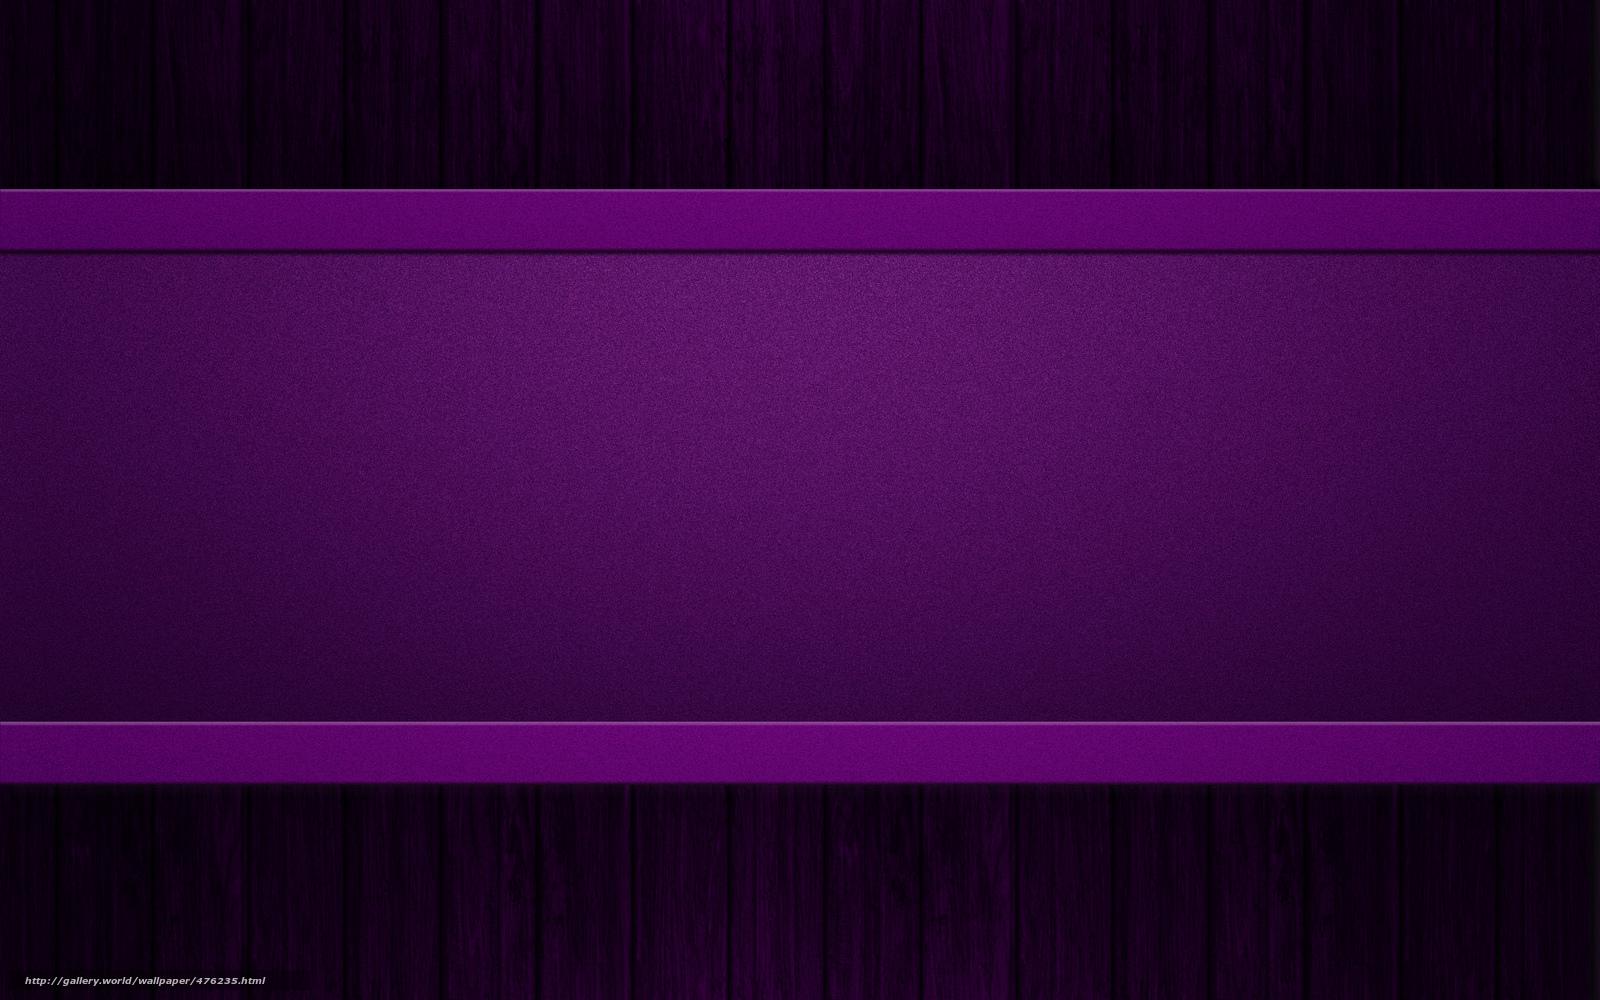 Download hintergrund textur band lila hintergrund freie for Sfondi hd viola